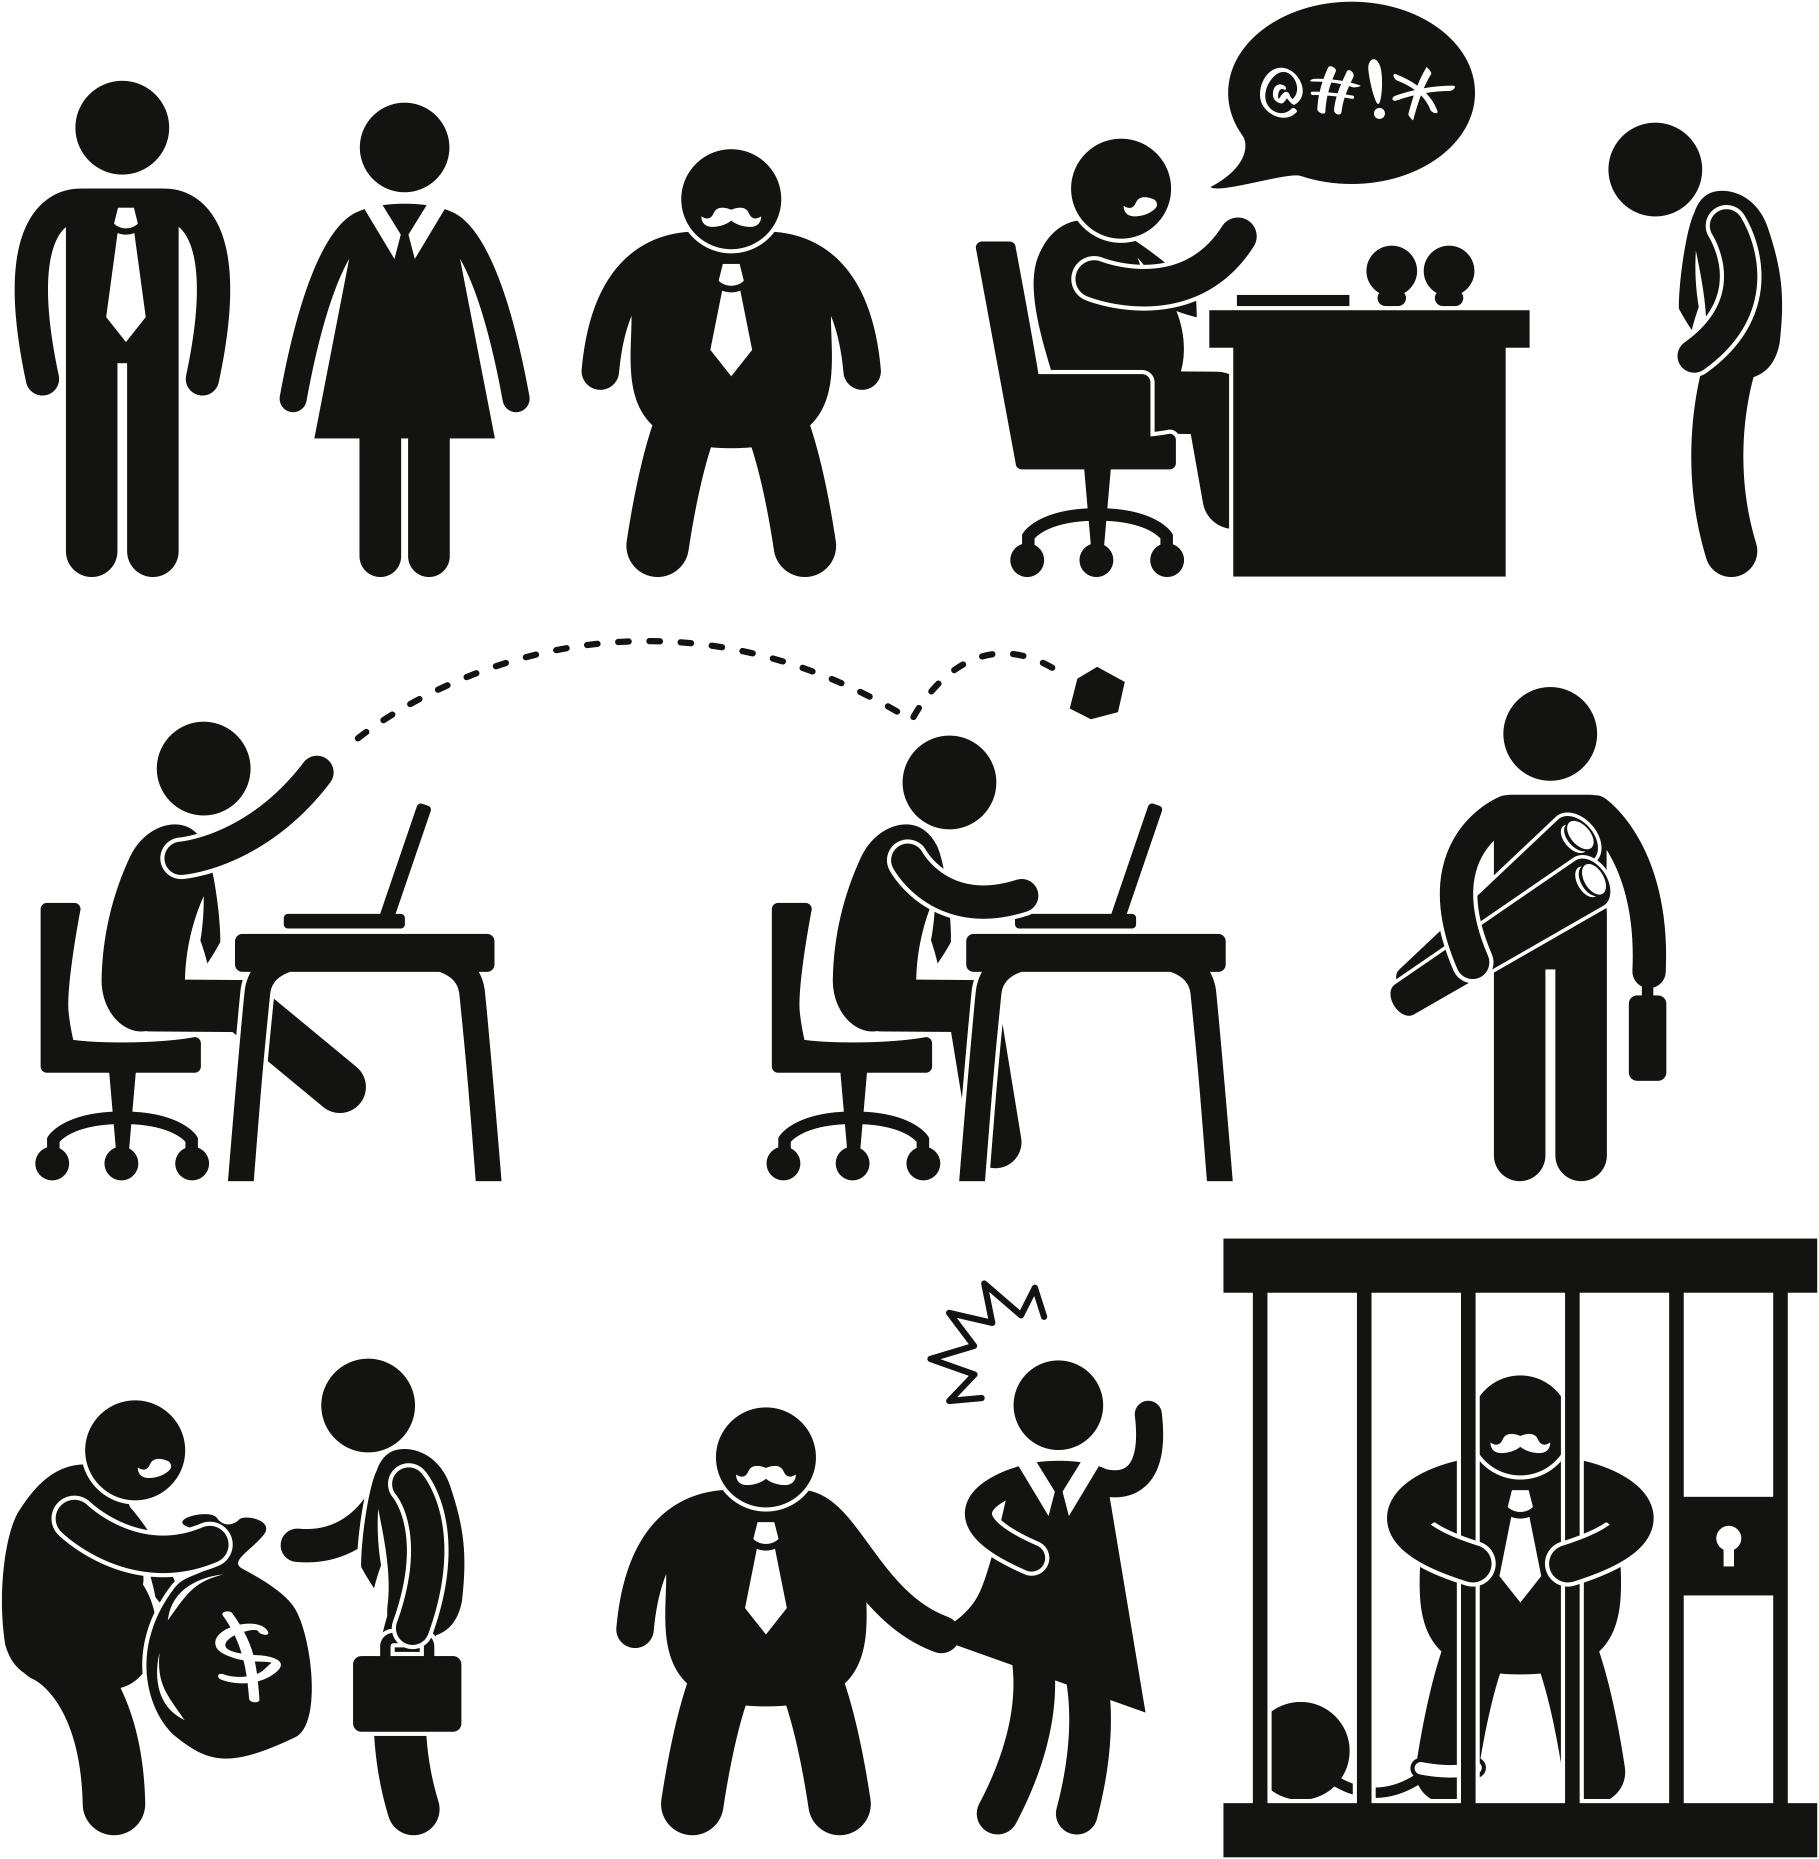 Fijada la política pública con respecto al acoso laboral ...